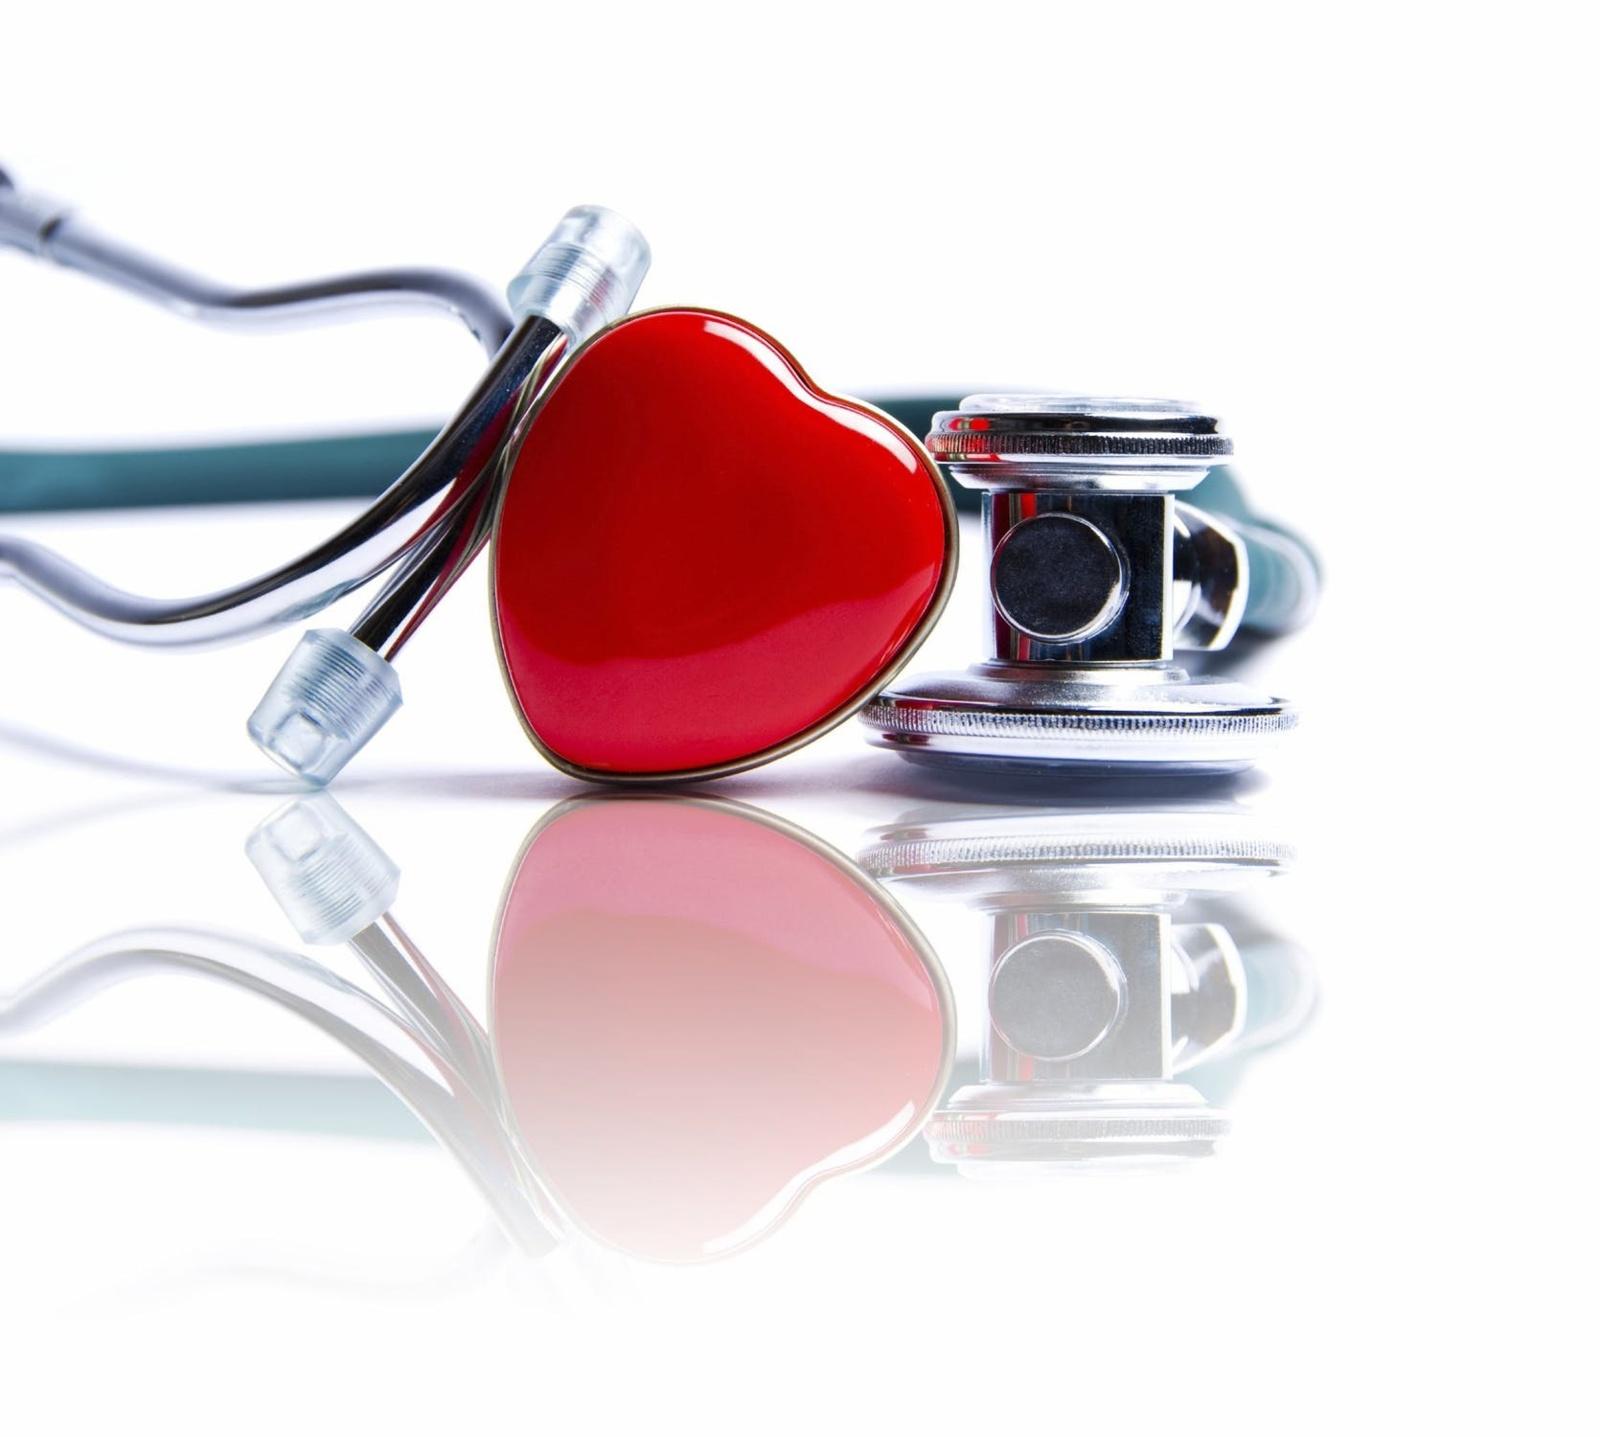 ženšenio širdies sveikata